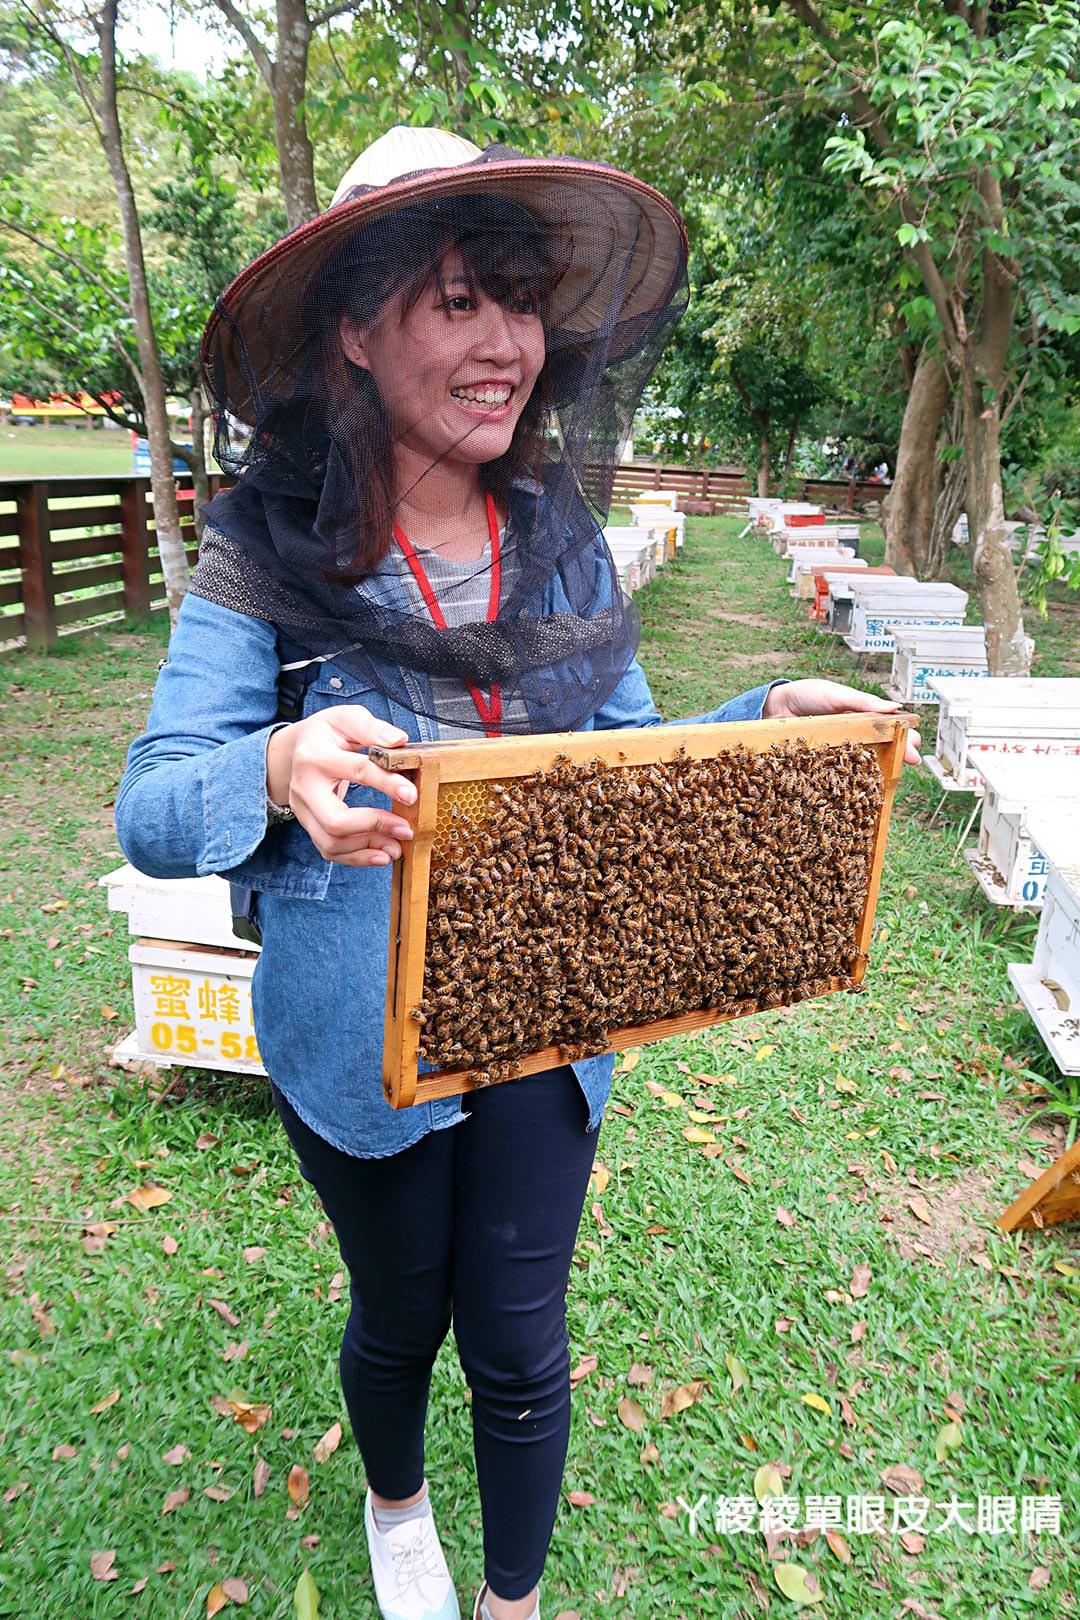 農純鄉魚米之鄉探訪真實之旅 嘉義東石福爾摩沙養殖場、台中后里五崁腳有機田園、雲林古坑蜜蜂故事館